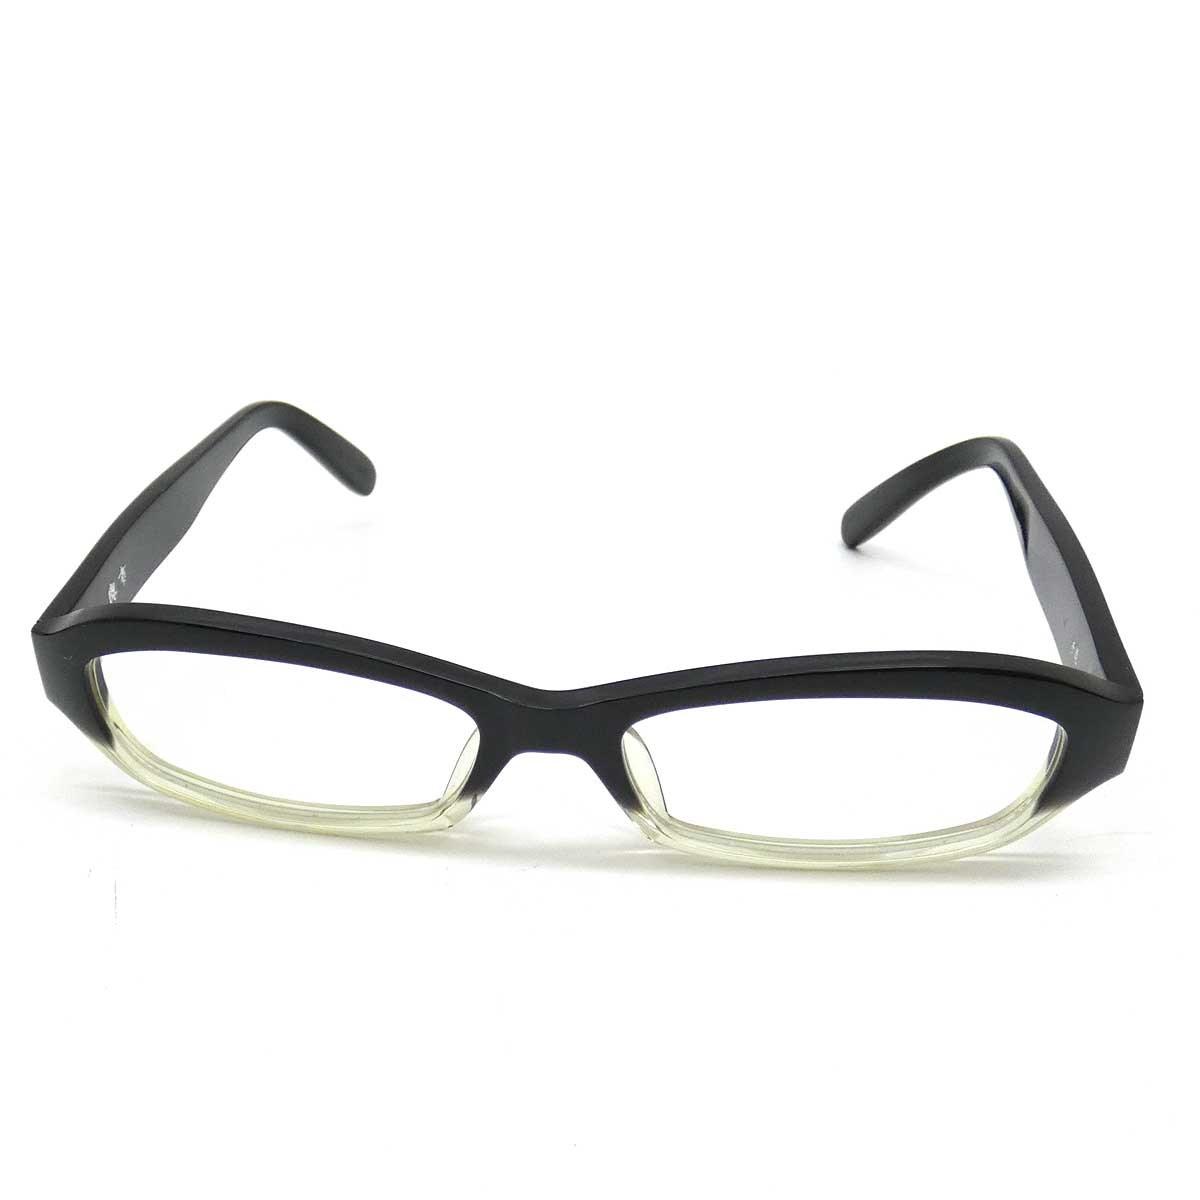 【中古】與市眼鏡 眼鏡  Y-13 BKCL ブラック 【220919】(與市眼鏡)